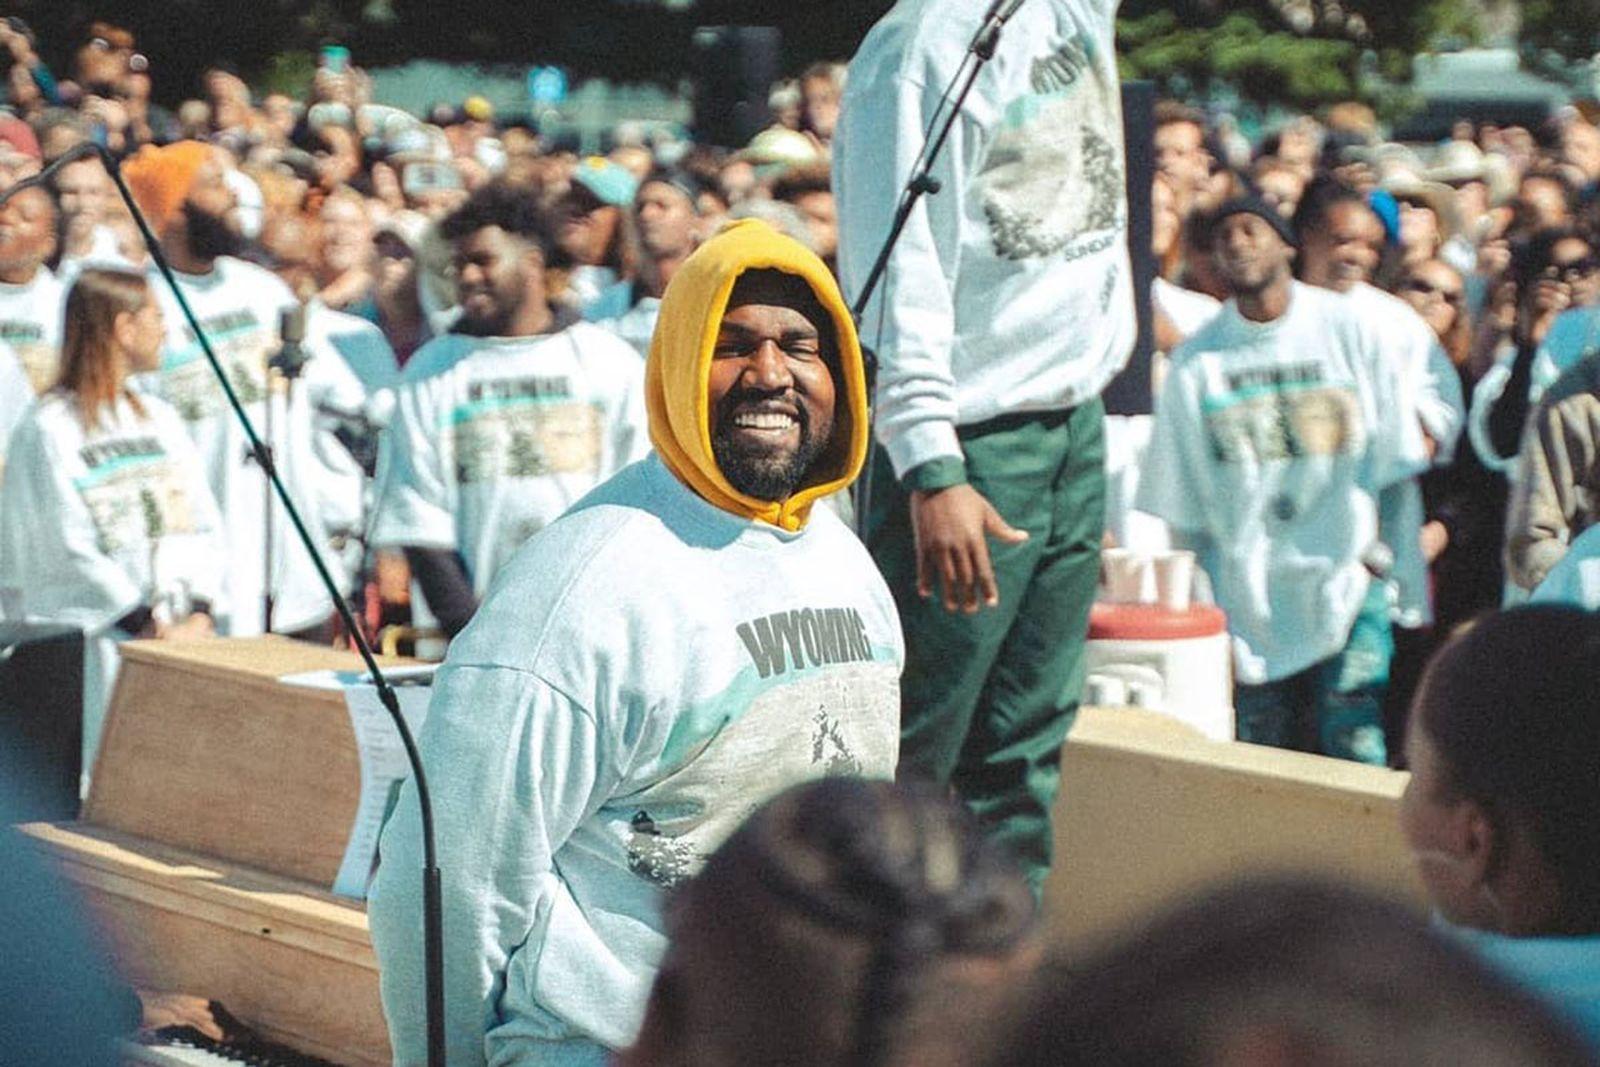 Kanye West Sunday service smiling